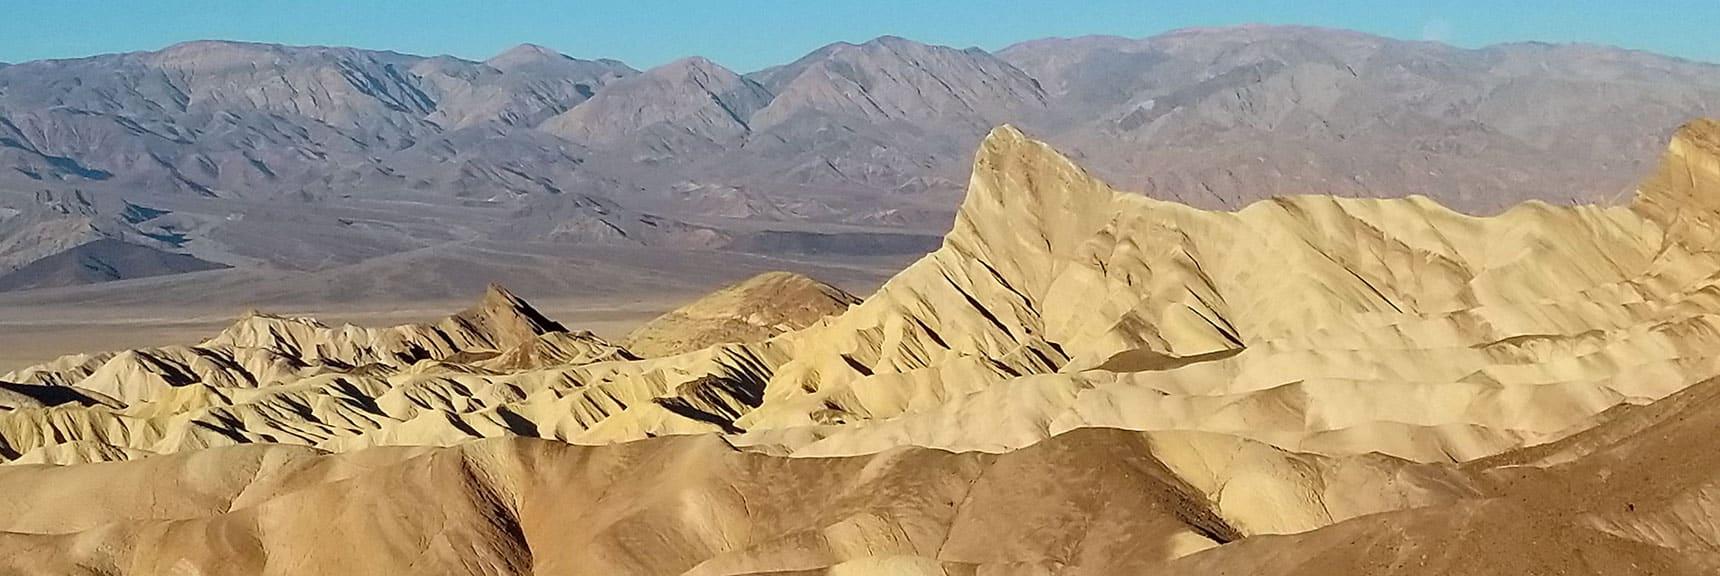 Death Valley National Park Zibriskie Point November 24th 2018